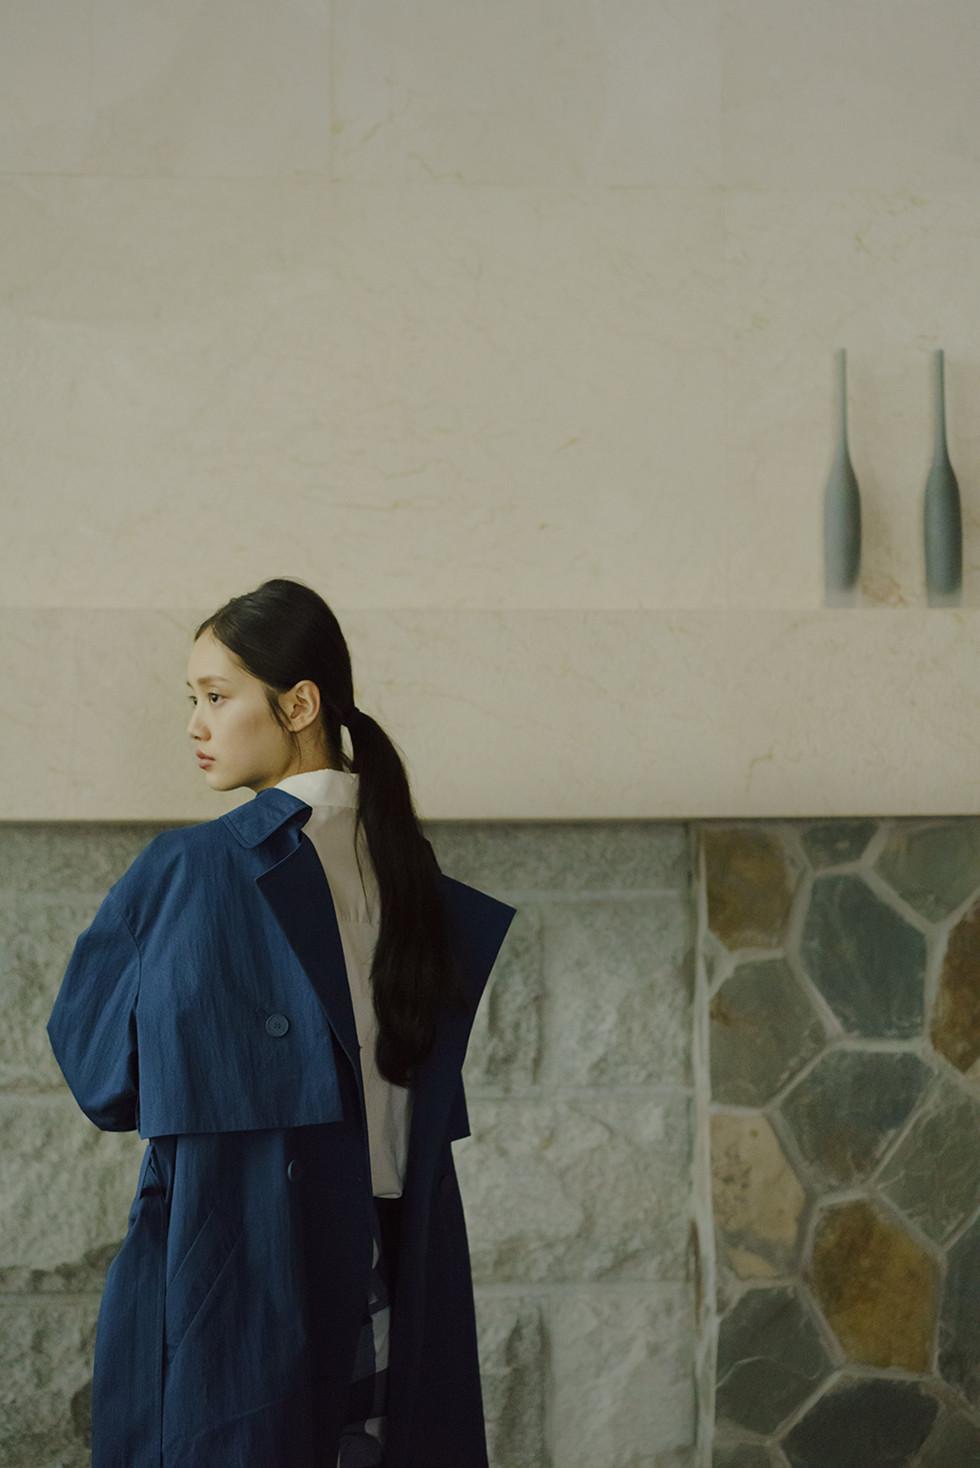 孙伊涵,薛冬琪演绎JORYA欣贺2018春夏广告大片